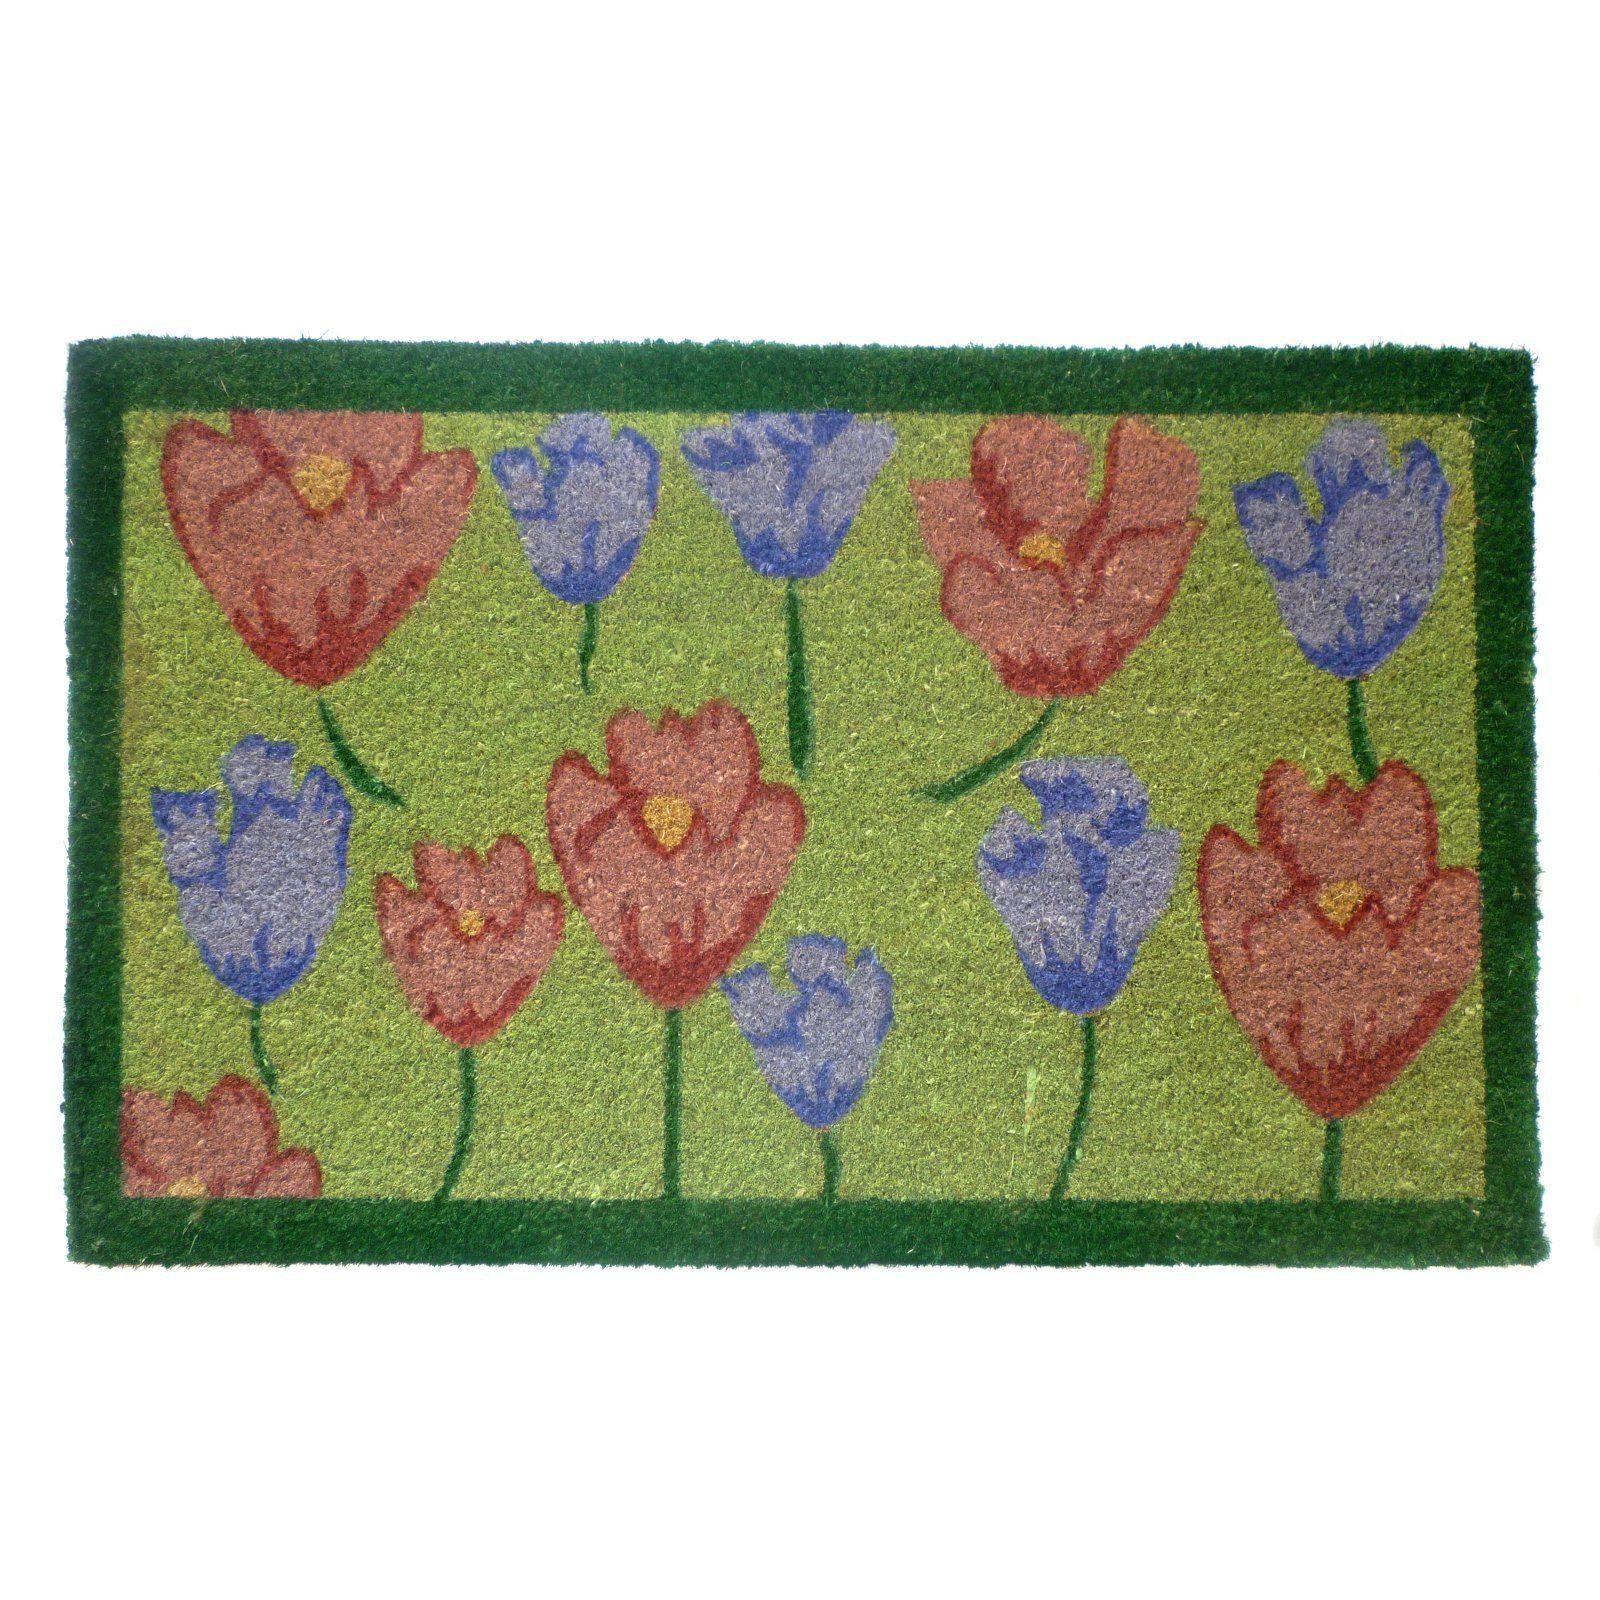 Geo Crafts Tulips Door Mat in 2019 | Products | Flower